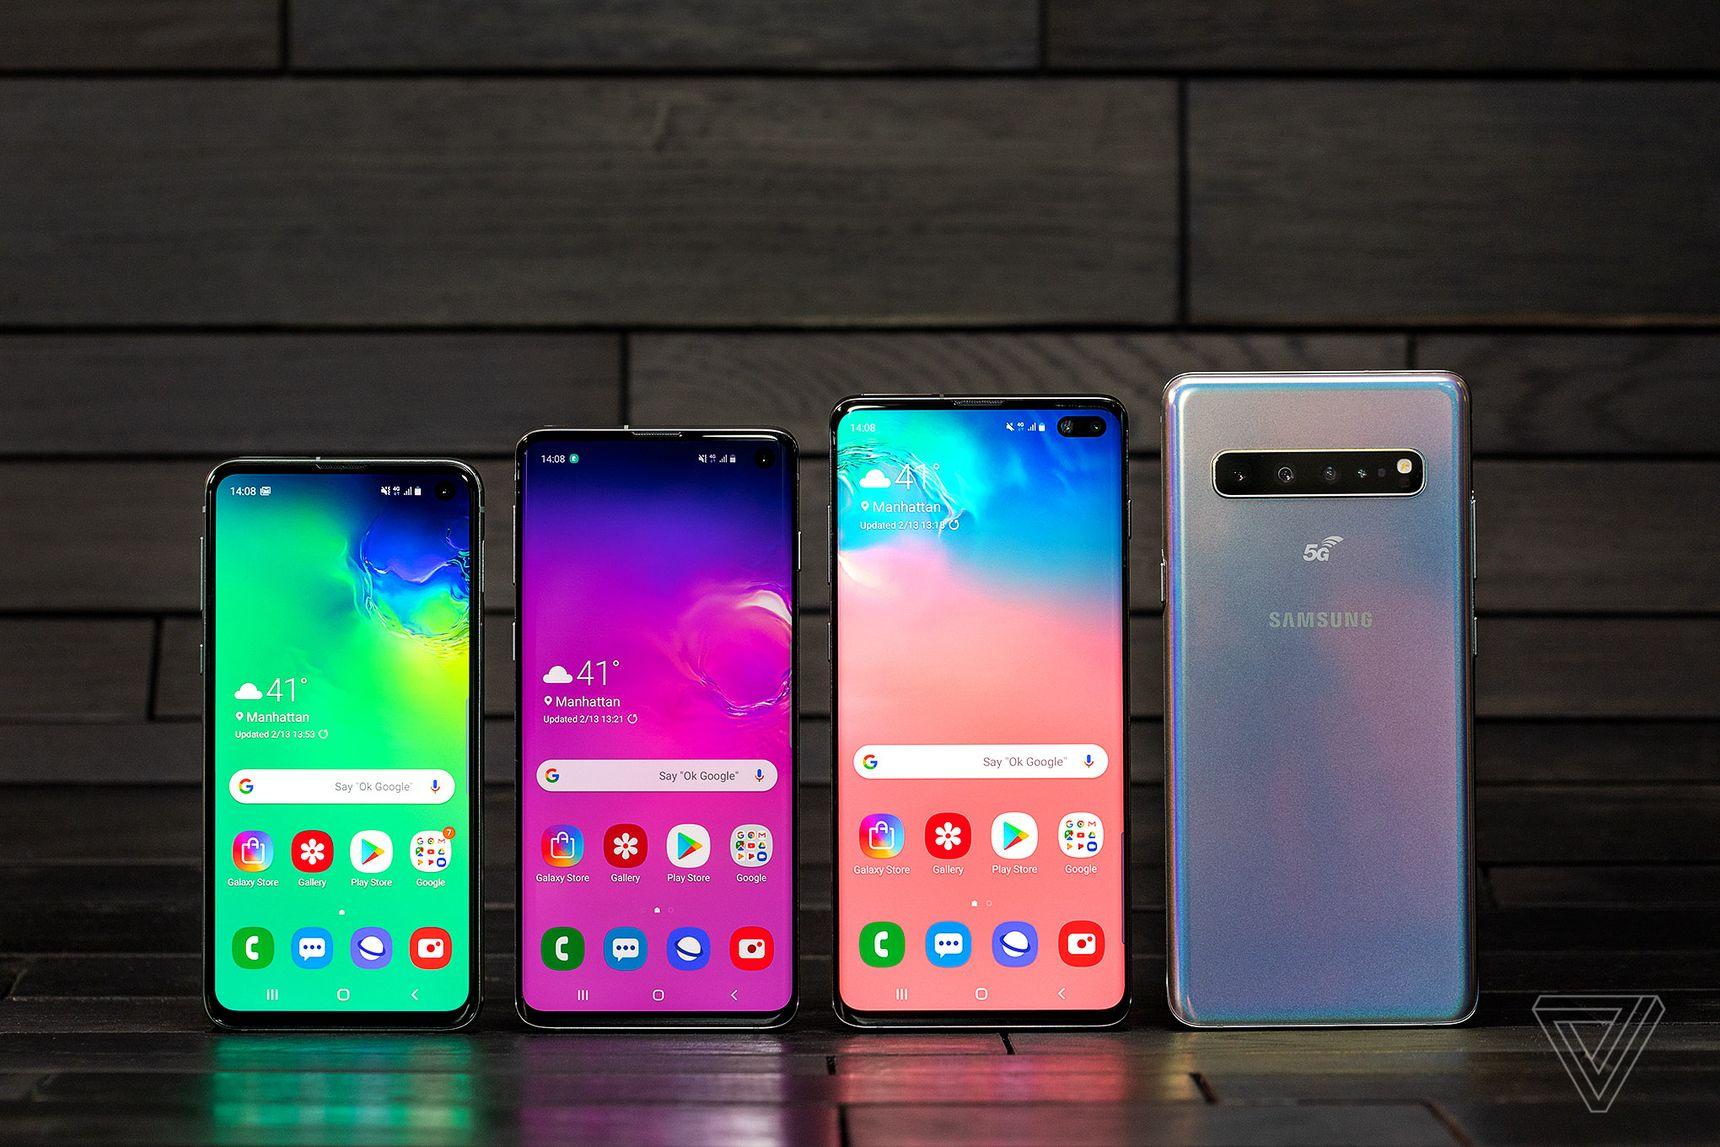 Trên tay bộ tứ Galaxy S10, S10+, S10e, S10 5G: màn hình tràn viền mới, camera đẳng cấp, vân tay siêu âm, chia sẻ pin không dây ấn tượng!